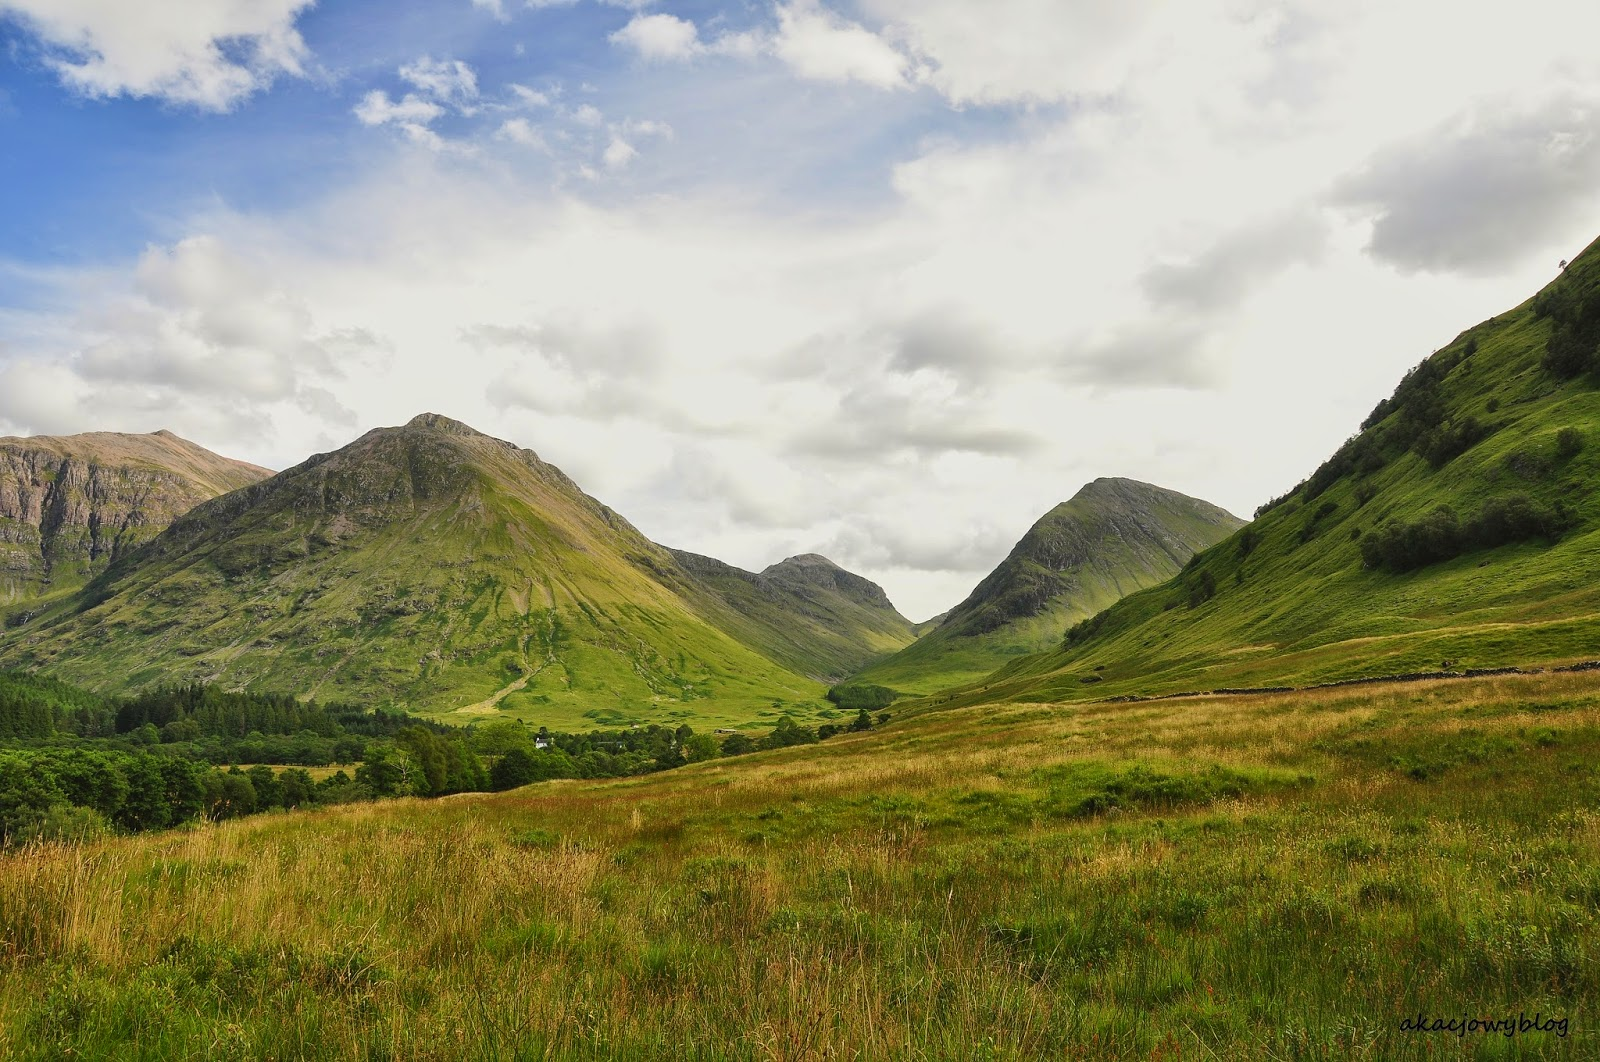 Urok szkockich dolin - Dolina Łez, Glen Coe.